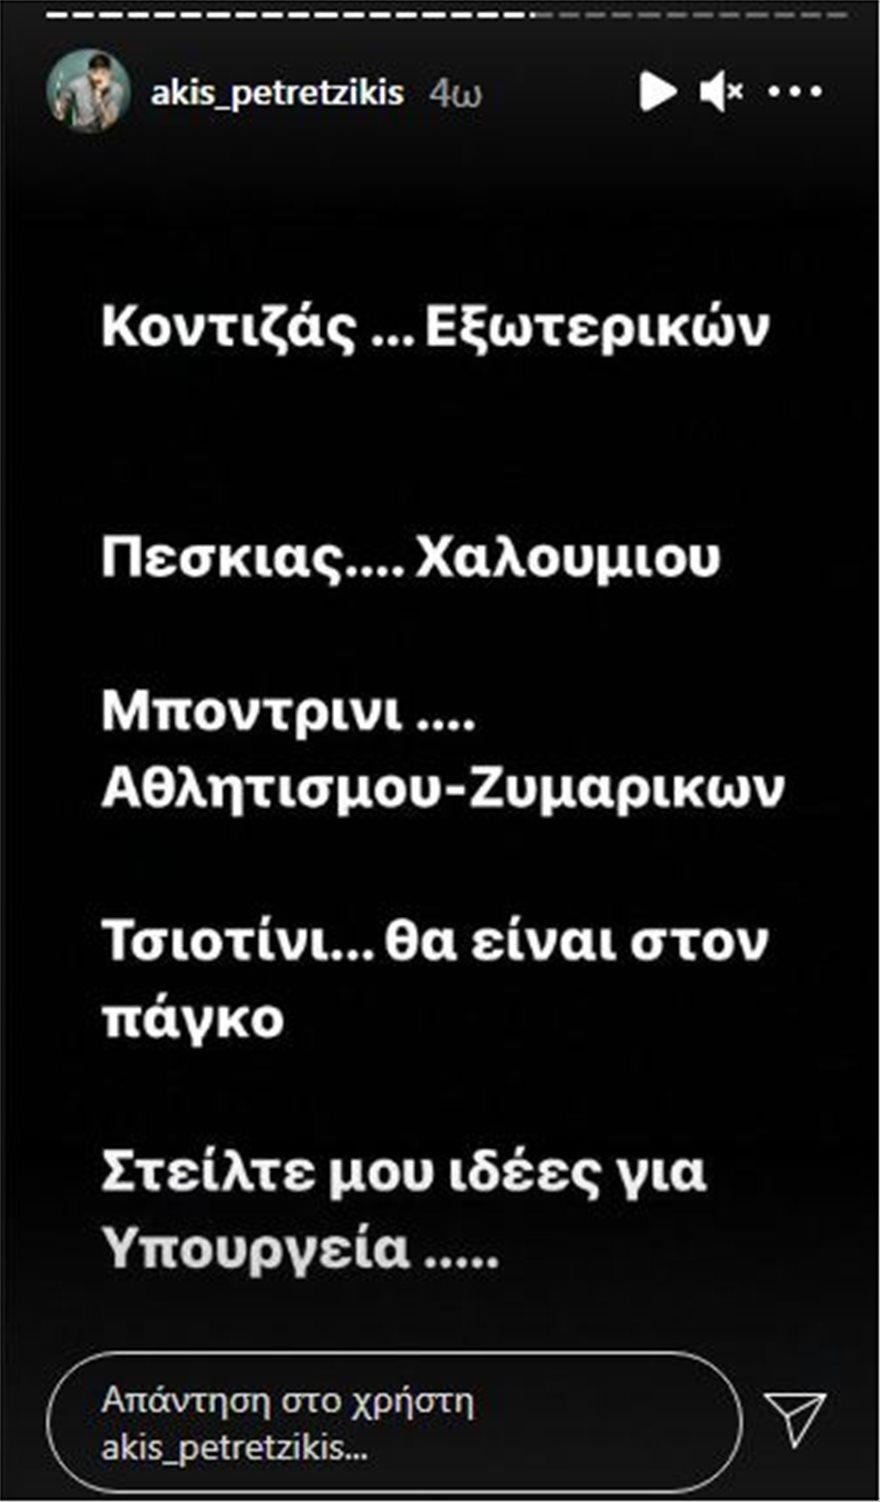 petretzikis-4